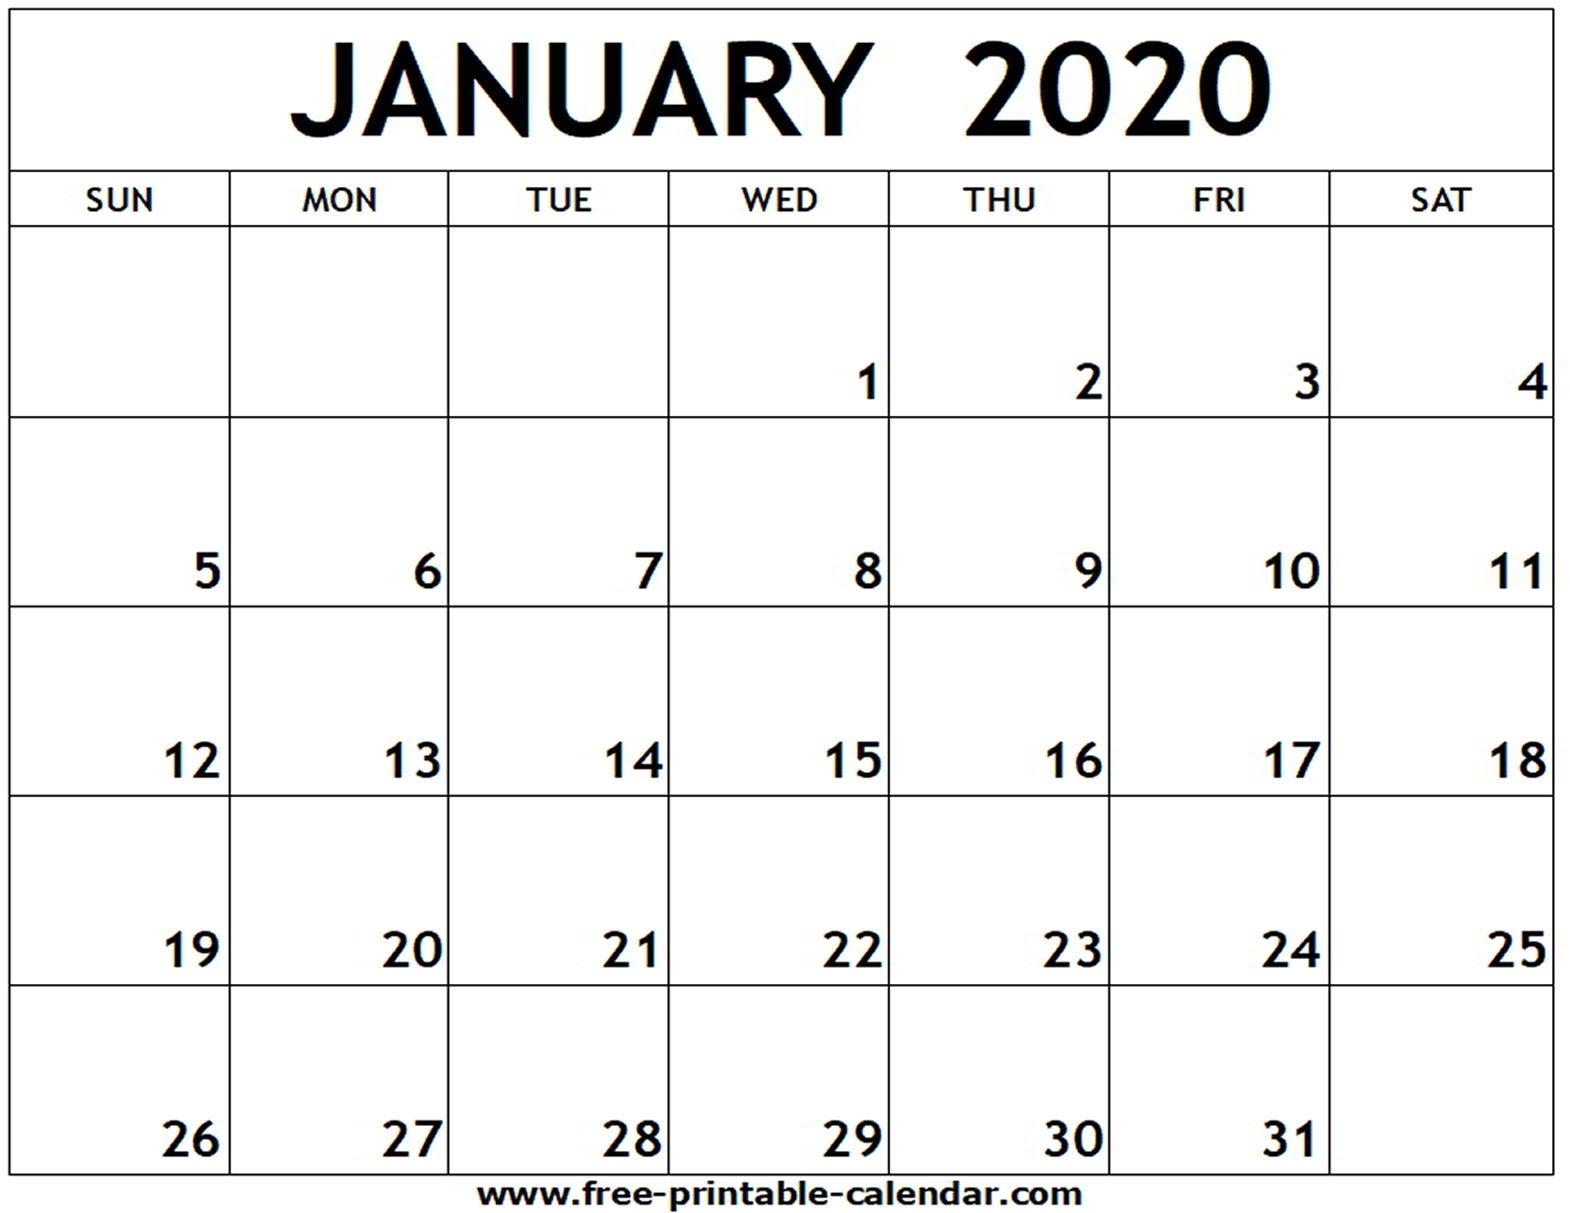 January 2020 Printable Calendar - Free-Printable-Calendar throughout Printable Fill In Calendar 2020